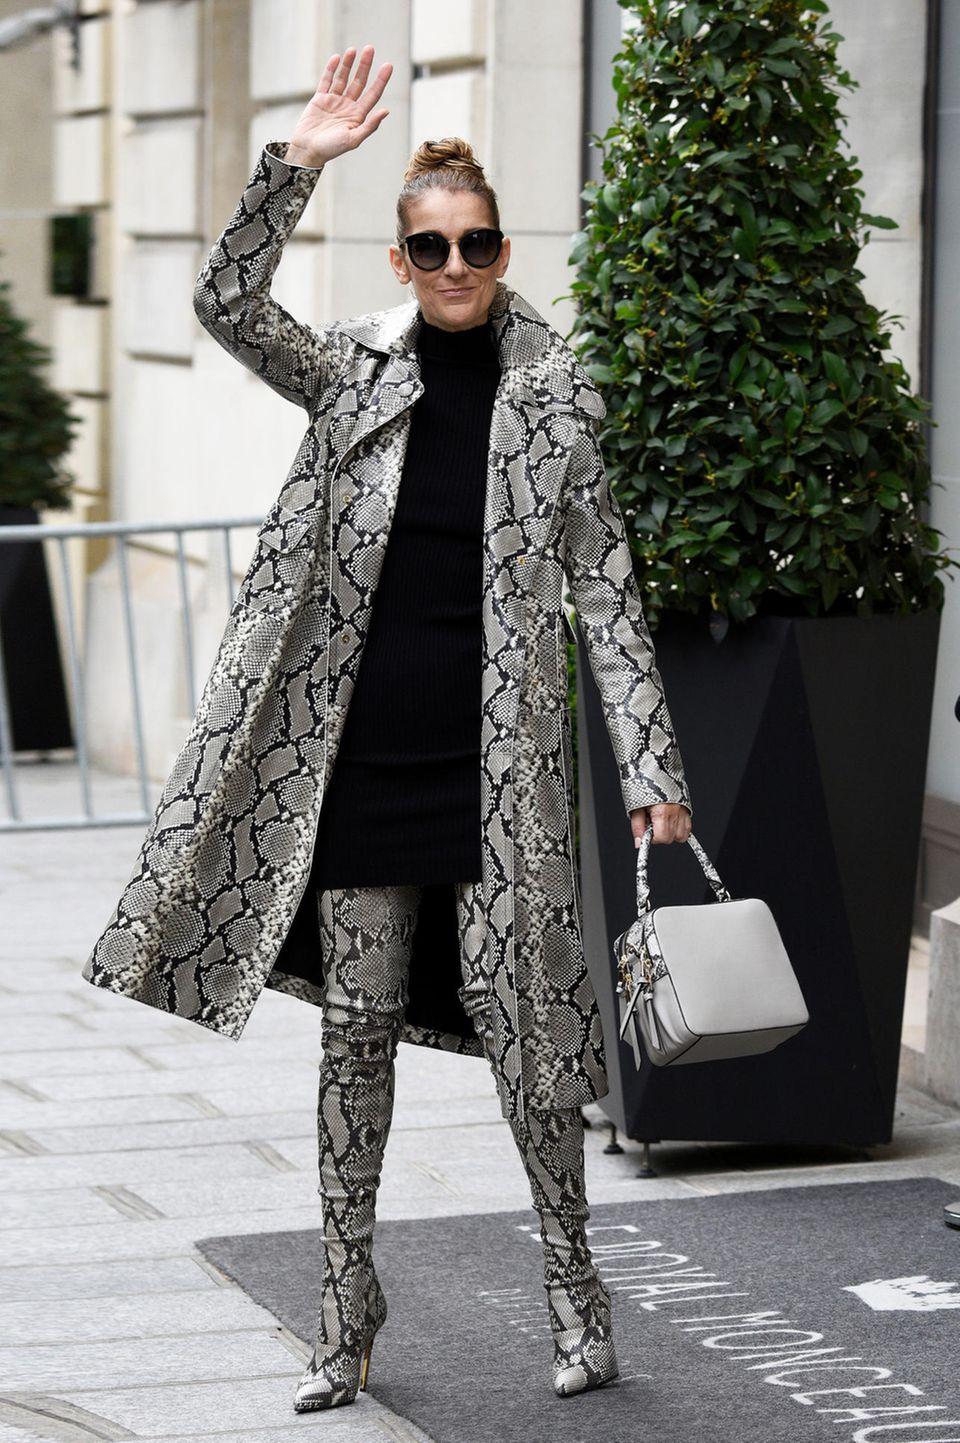 Ein komplettes Outfit im Snakesskin-Look von Balmain können nicht alle tragen sowie Stil-Ikone Celine Dion. Und erst recht können sich dieses Outfit nicht alle leisten, denn allein die Overknees-Boots kosten 6.395 US-Dollar, umgerechnet ca. 5460 Euro.